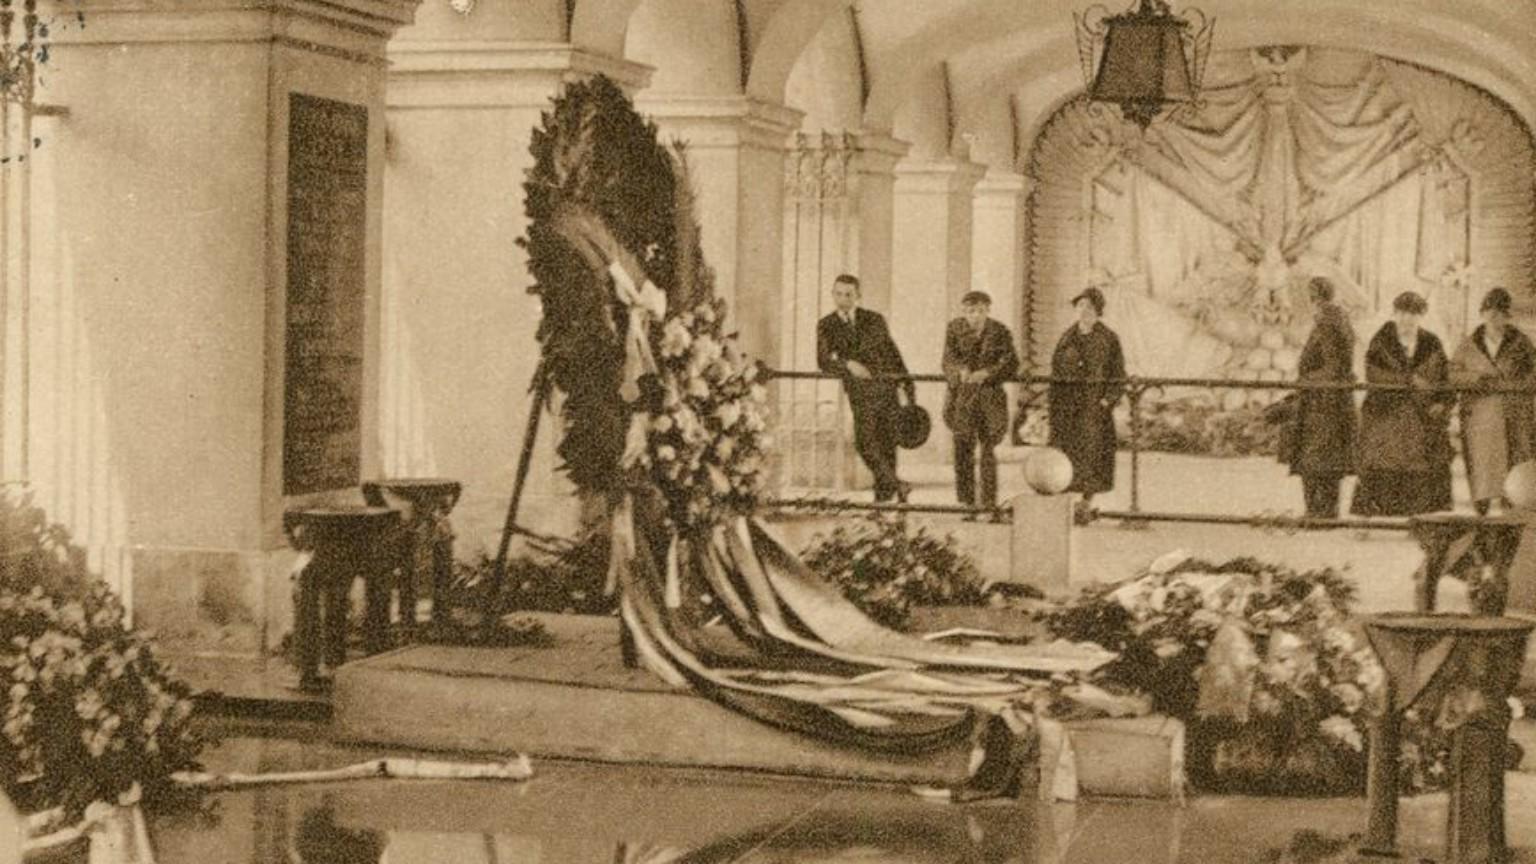 Zdjęcie dla kartki: Złożenie zwłok Nieznanego Żołnierza do grobu w arkadach pałacu Saskiego